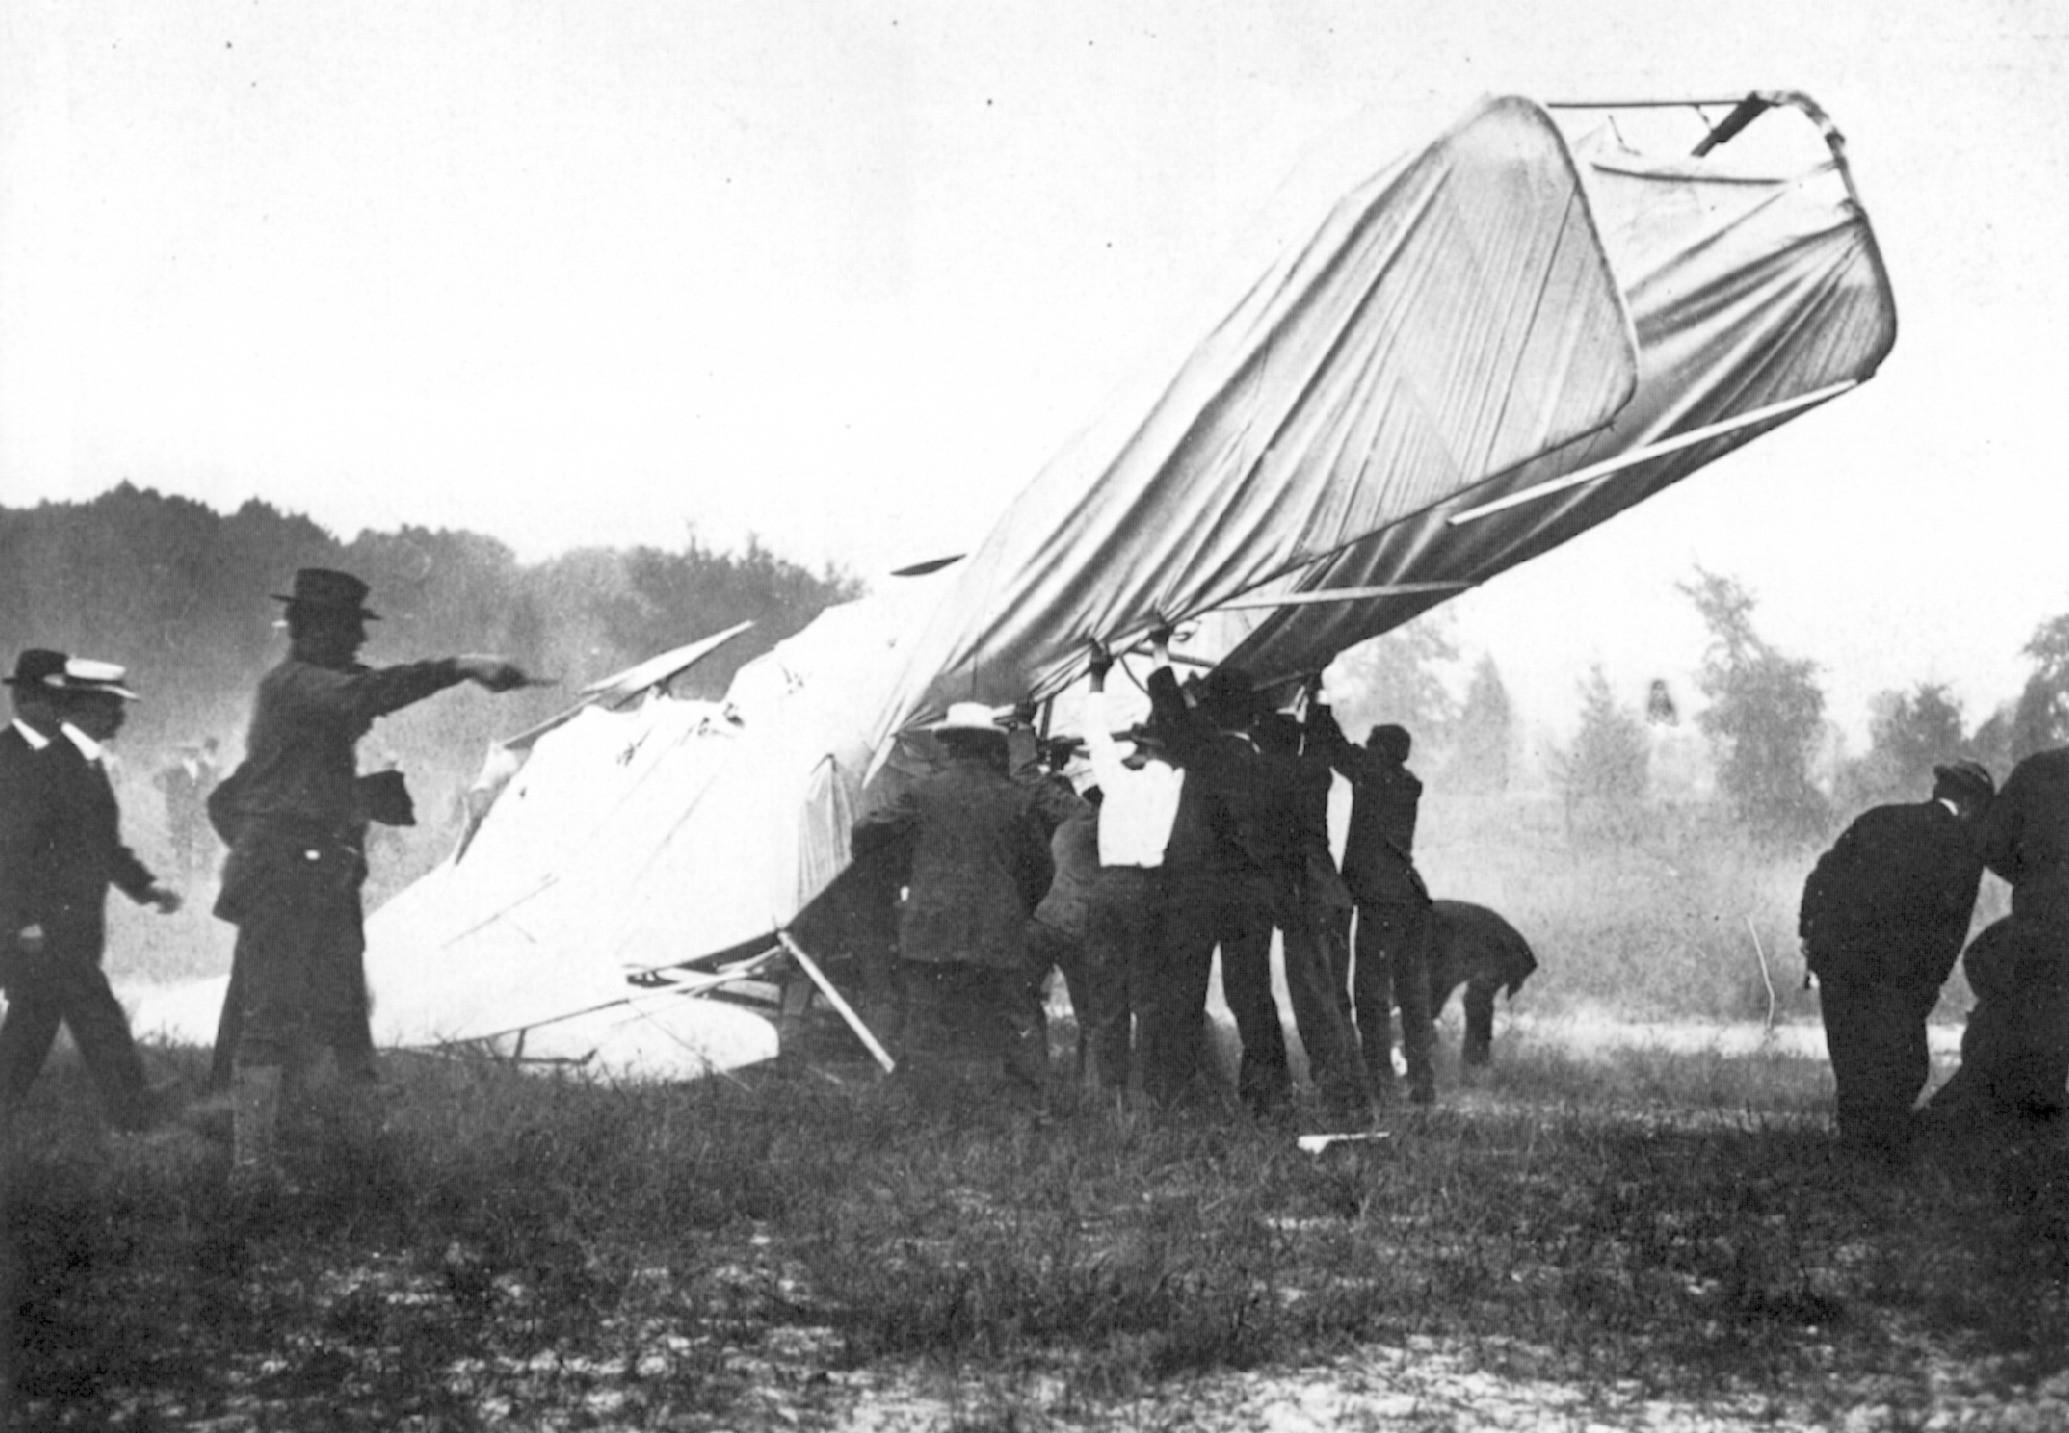 1908. Az első végzetes repülőgépbaleset, melyben Thomas Selfridge hadnagy utasként életét vesztette. Orwill Wright mögött utazott a katonaság számára rendezett bemutatón..jpg